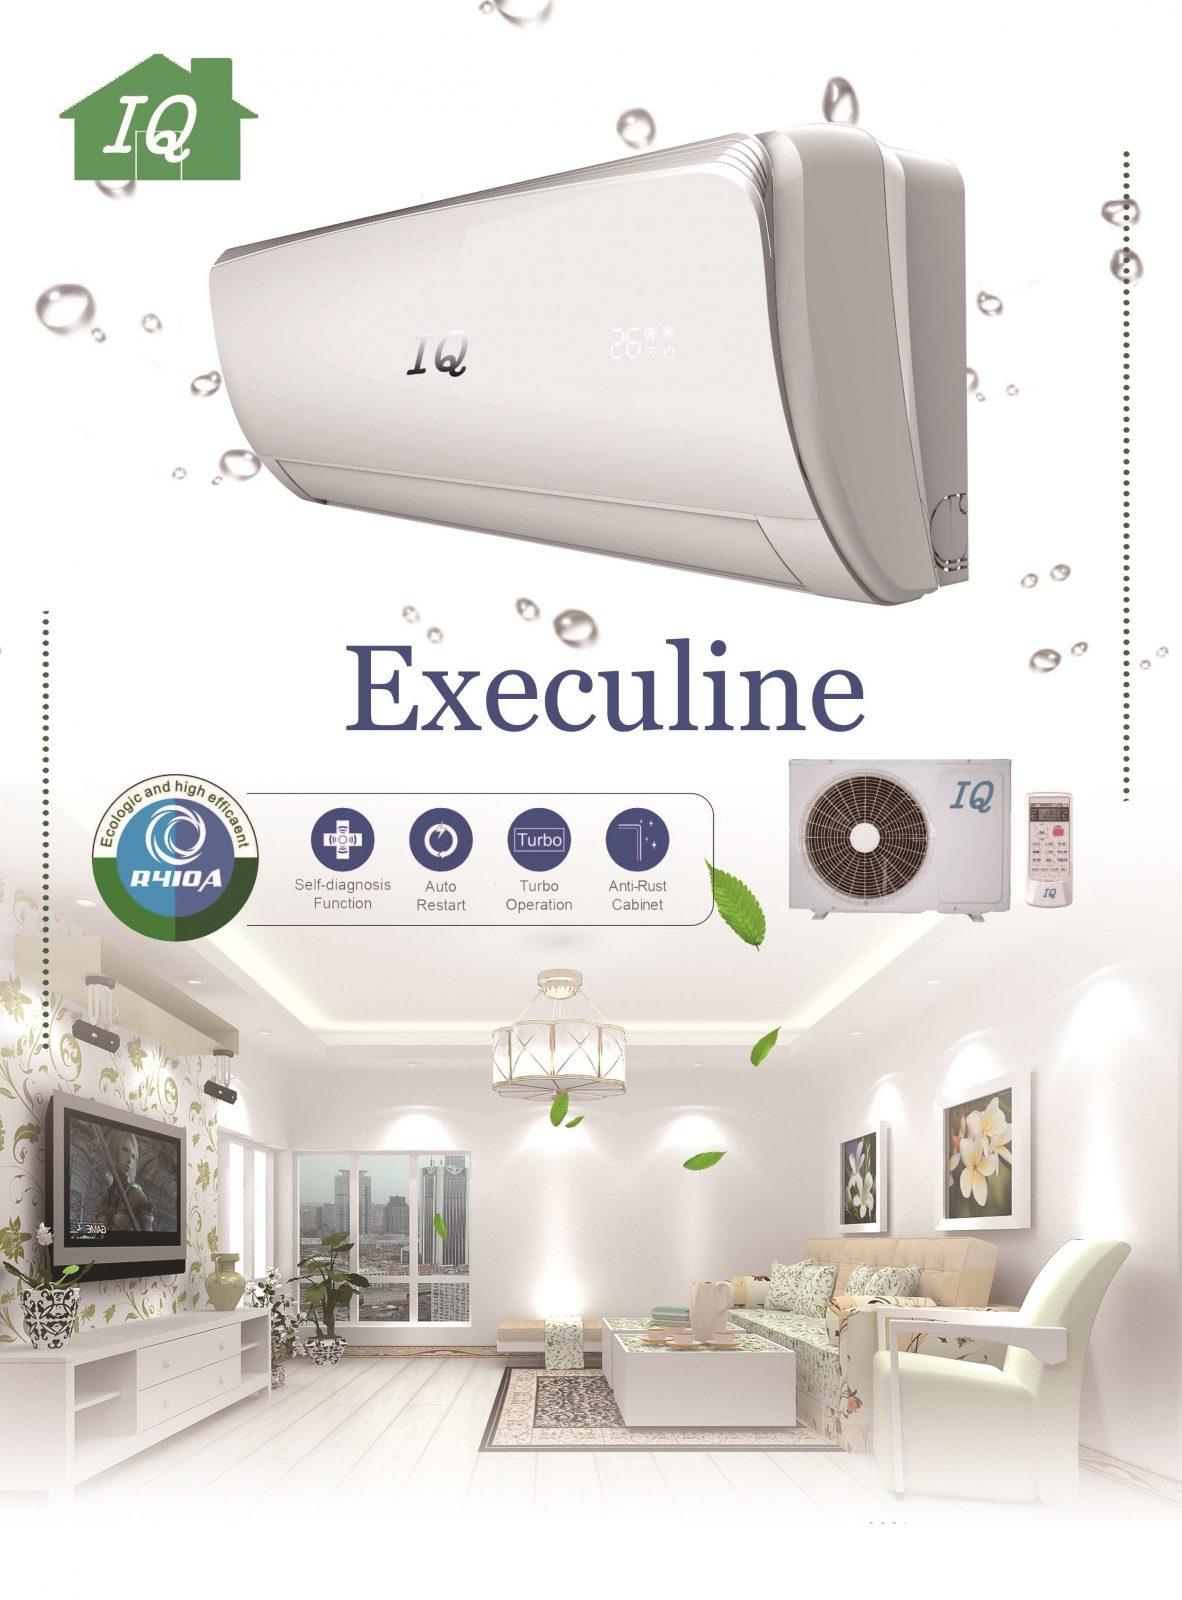 IQ-air-conditioner-Execuline